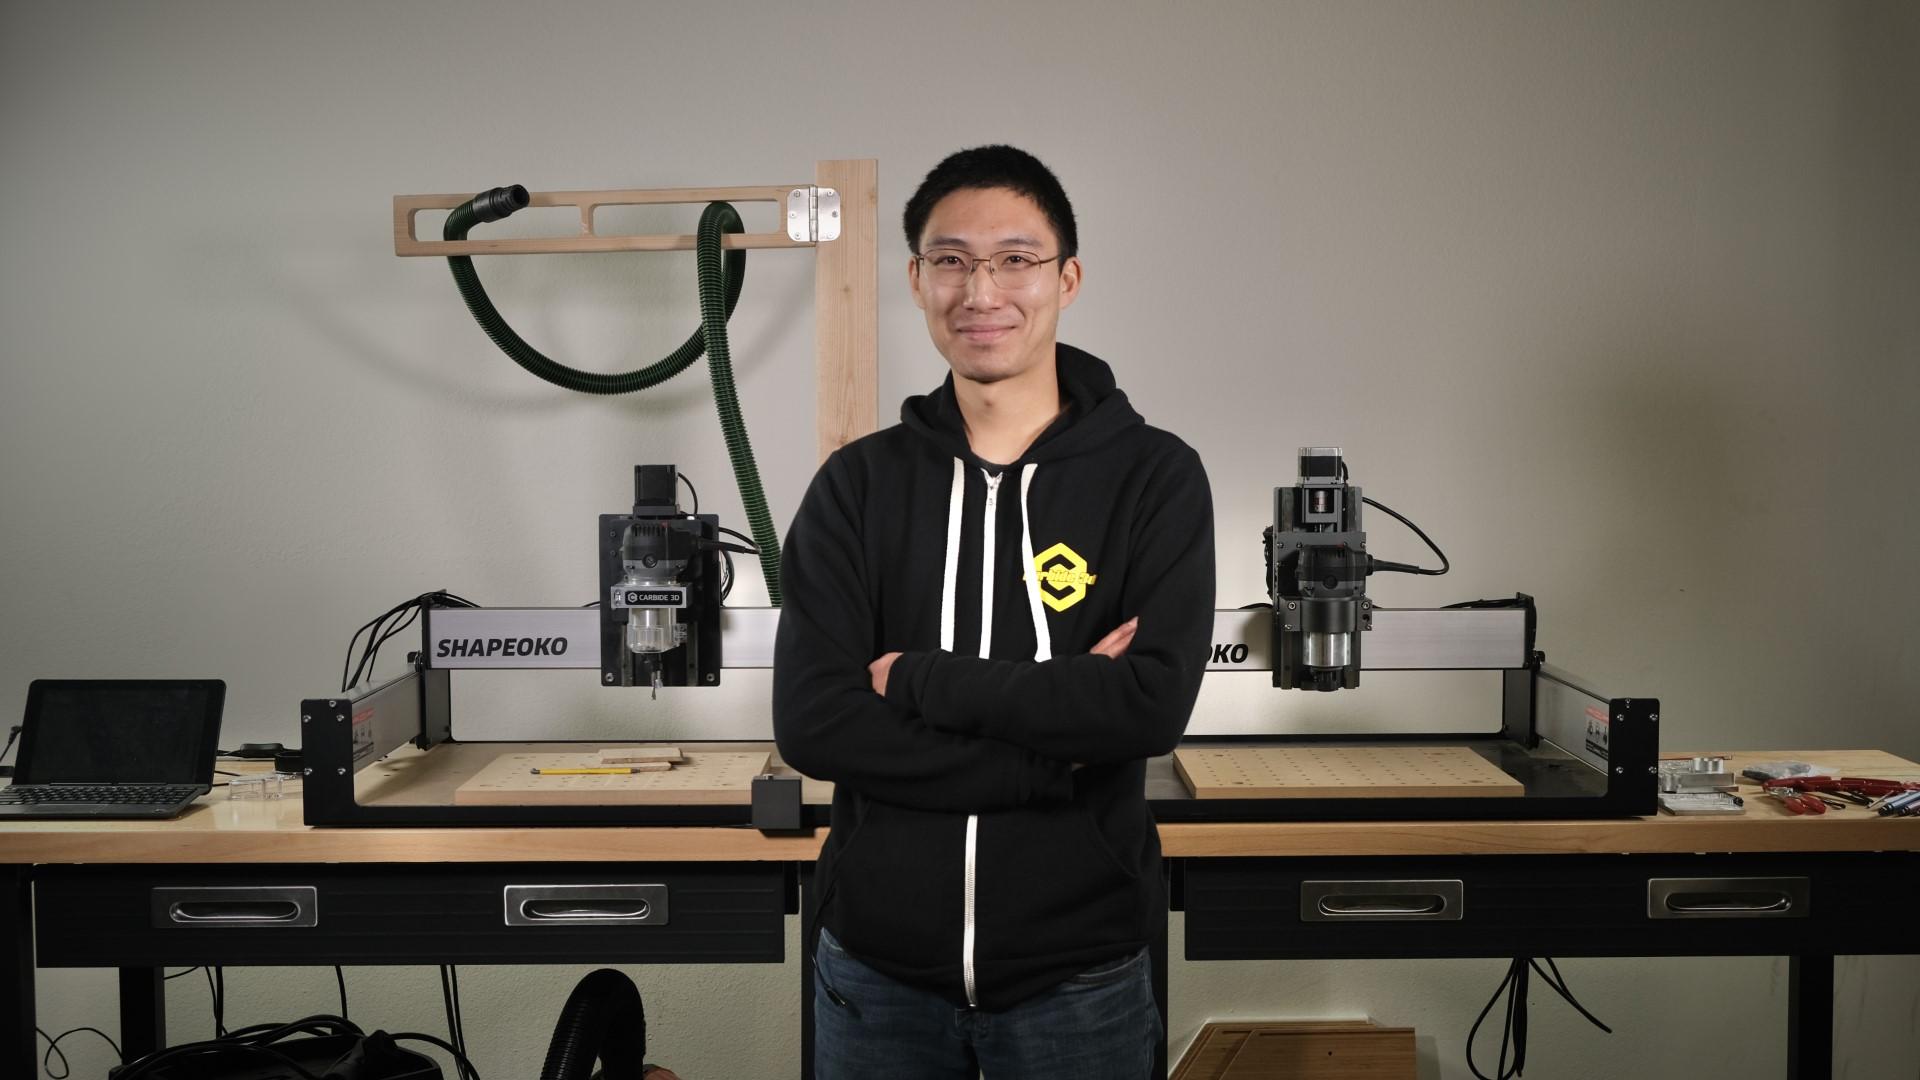 Maker Spotlight: Winston Moy